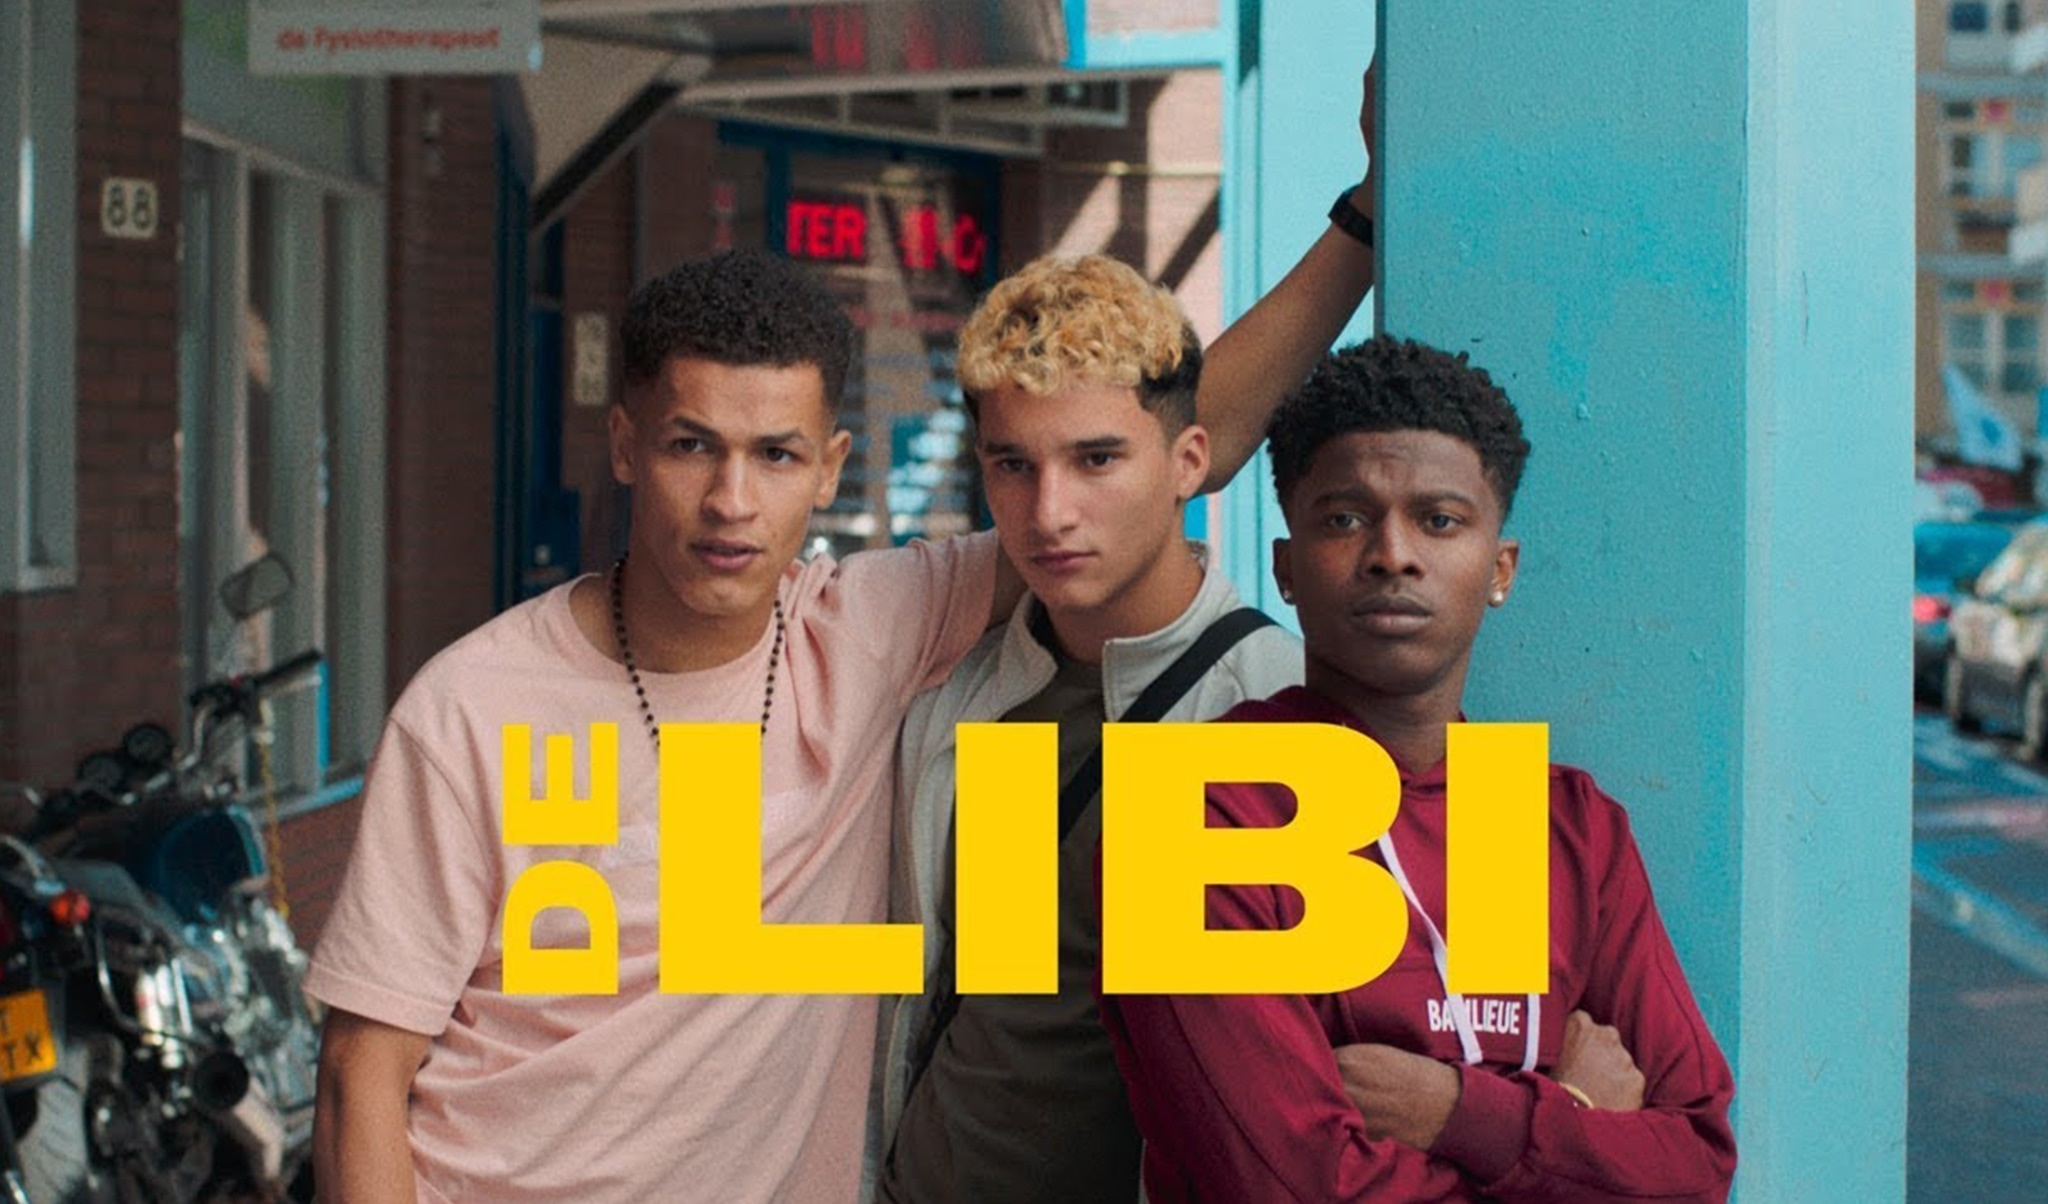 De Libi Trailer